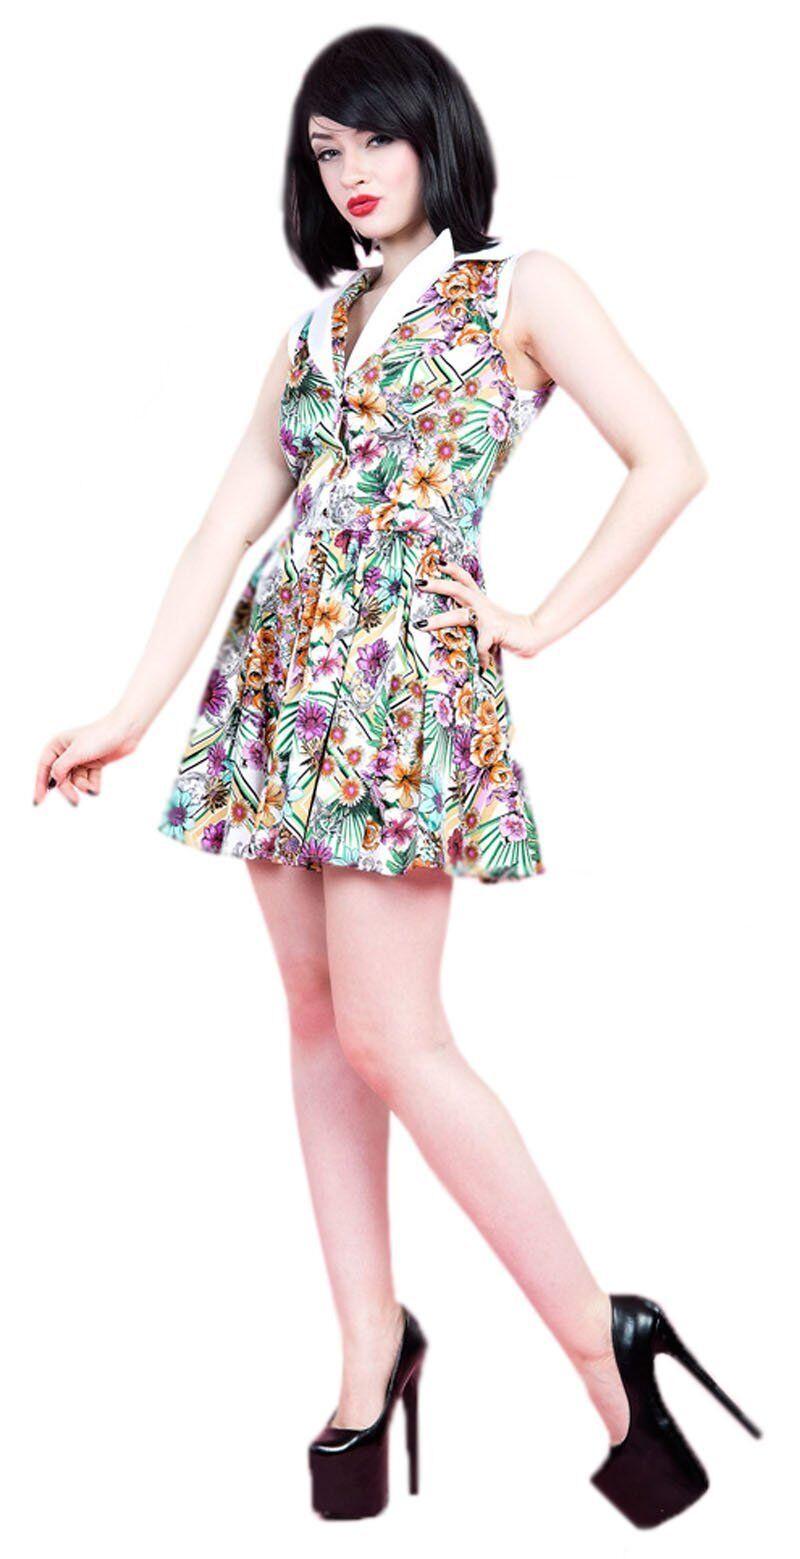 8-16 8-16 8-16 50s Jahre Shorts Blaumenmuster Schlaghose Tee Tanzsommer Skater Minikleid | Qualifizierte Herstellung  | Perfekte Verarbeitung  21c1a8